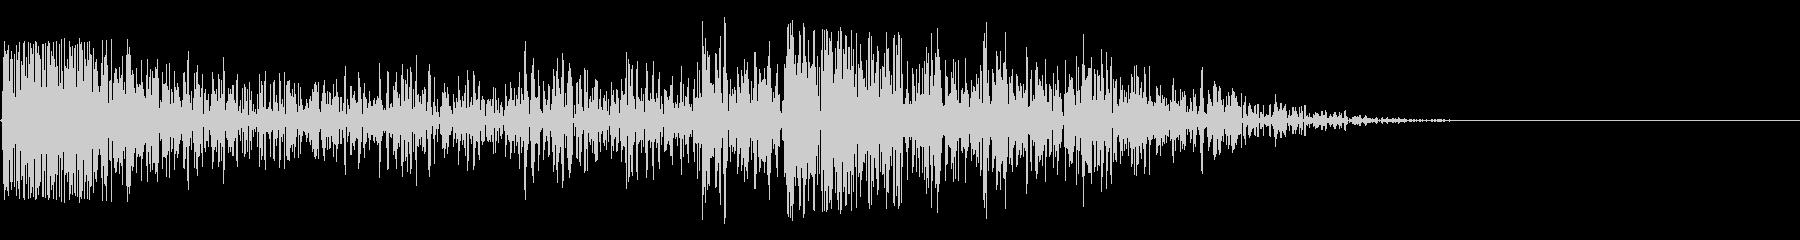 カーソル移動音 カシャの未再生の波形